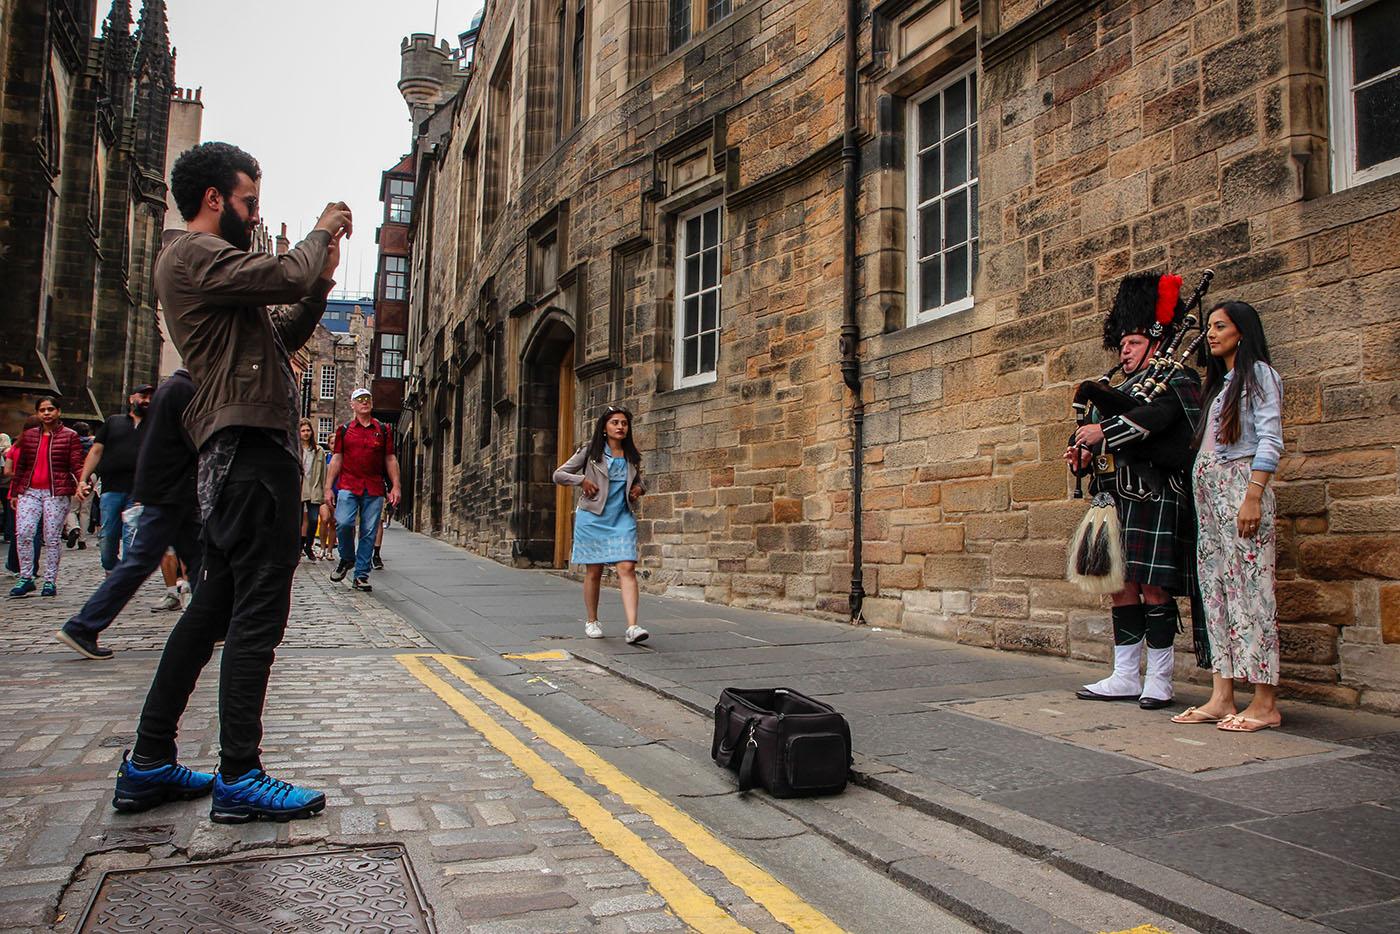 Avant de visiter le château d'Edimbourg, photo souvenir avec un joueur de cornemuse. (photo Julie Jeunejean/8e étage)